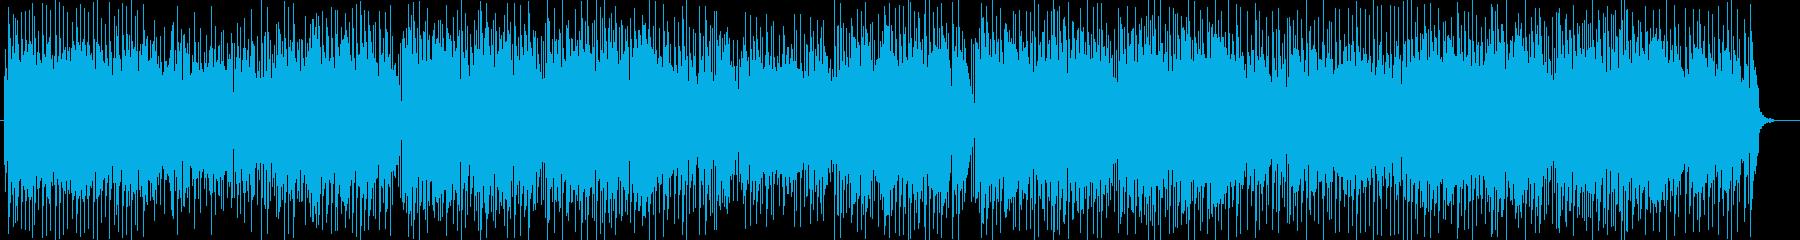 爽やかで軽快なミュージックの再生済みの波形